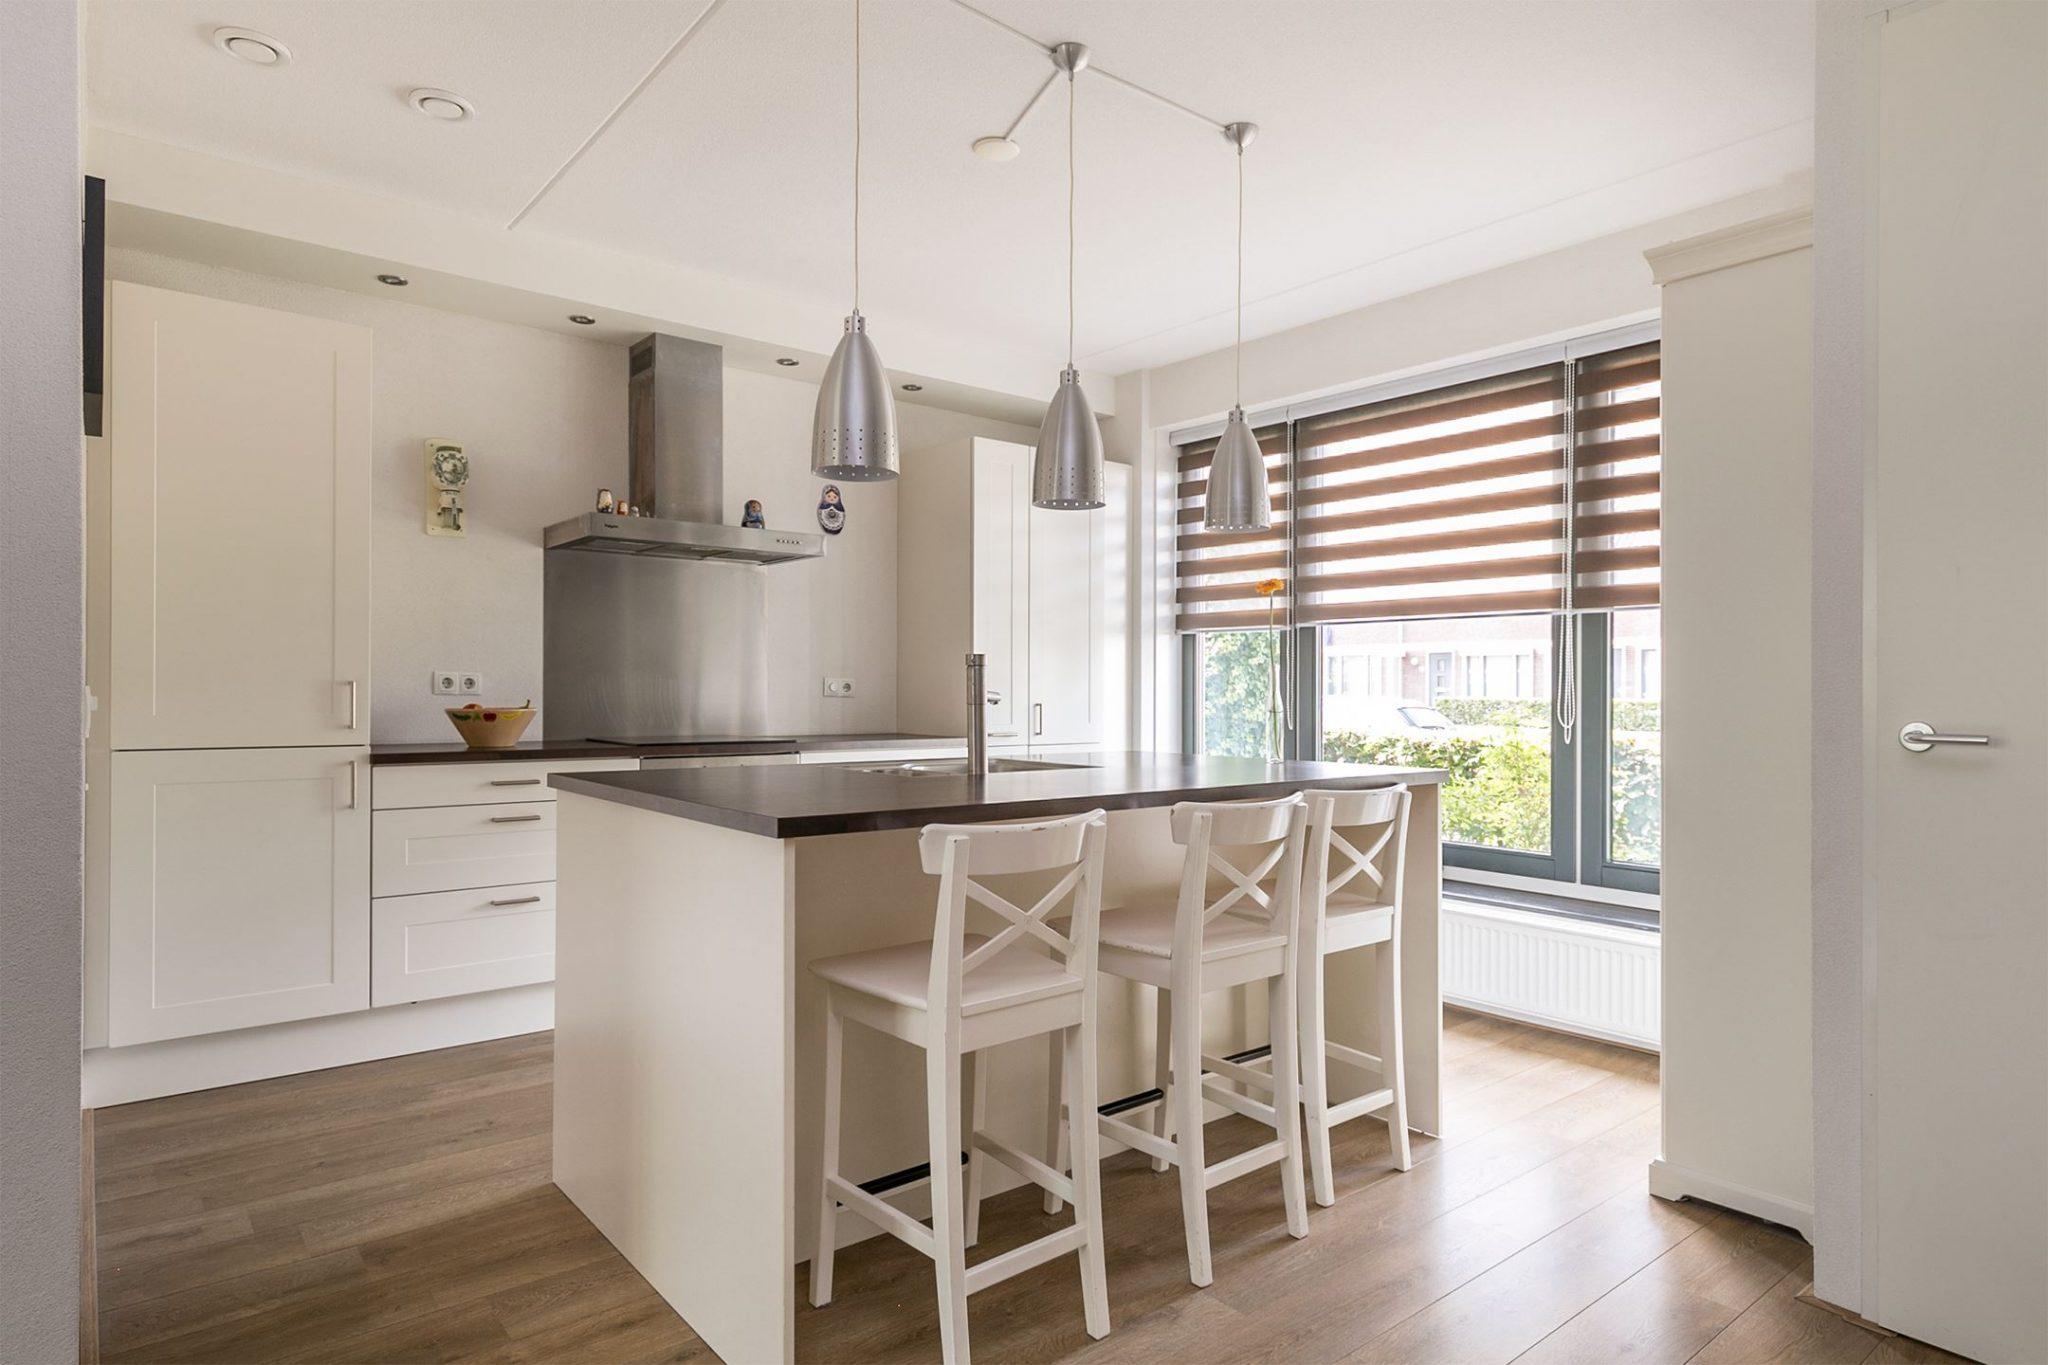 Tweedehands Rechte Keuken : Moderne witte rechte keuken eiland bar apparatuur tweedehands